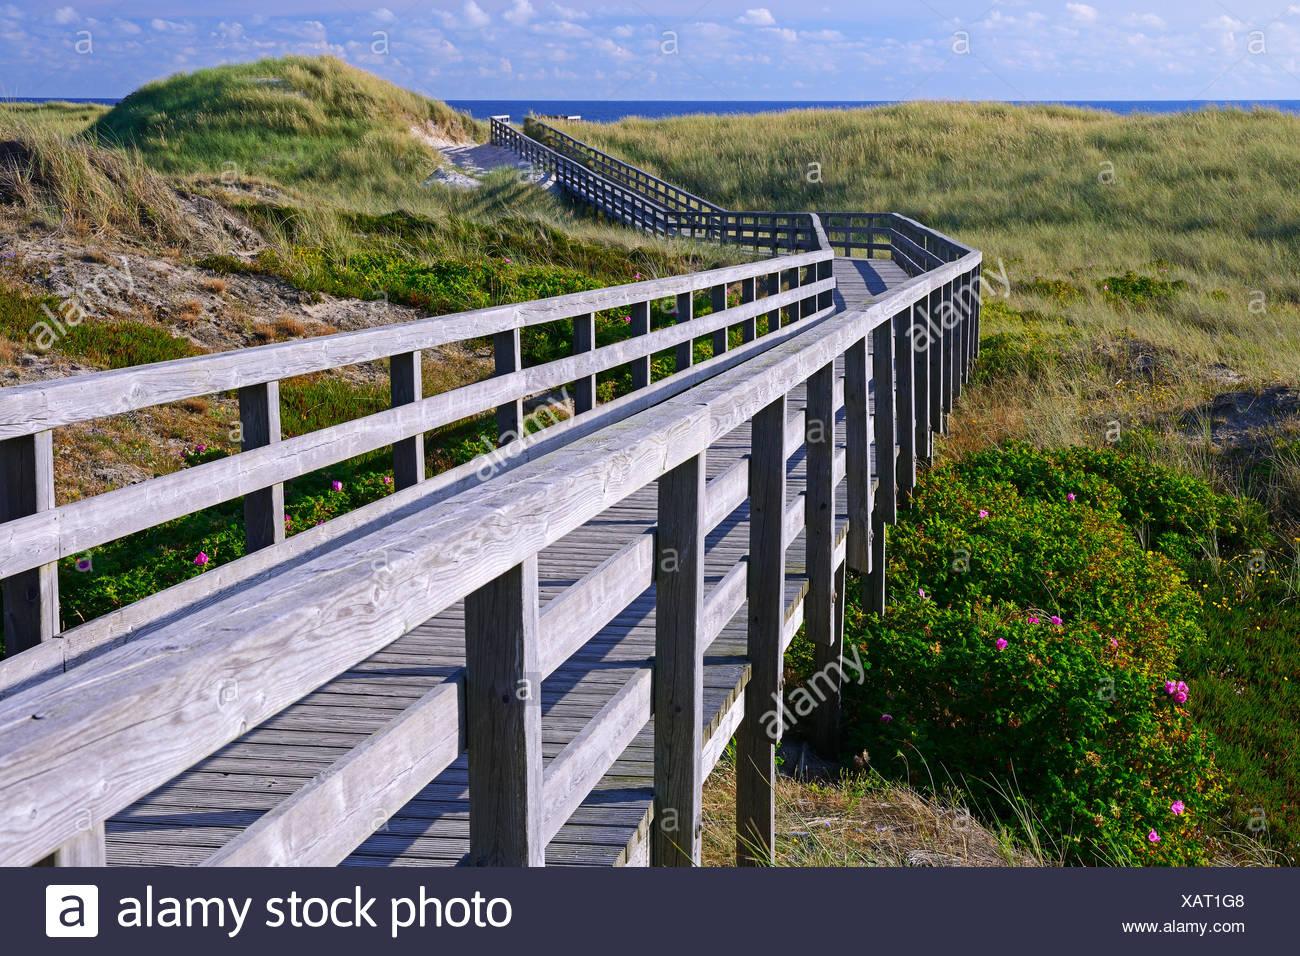 Bohlenweg durch die Duenen zum Strand von Kampen, Sylt, nordfriesische Inseln, Nordfriesland, Schleswig-Holstein, Deutschland - Stock Image